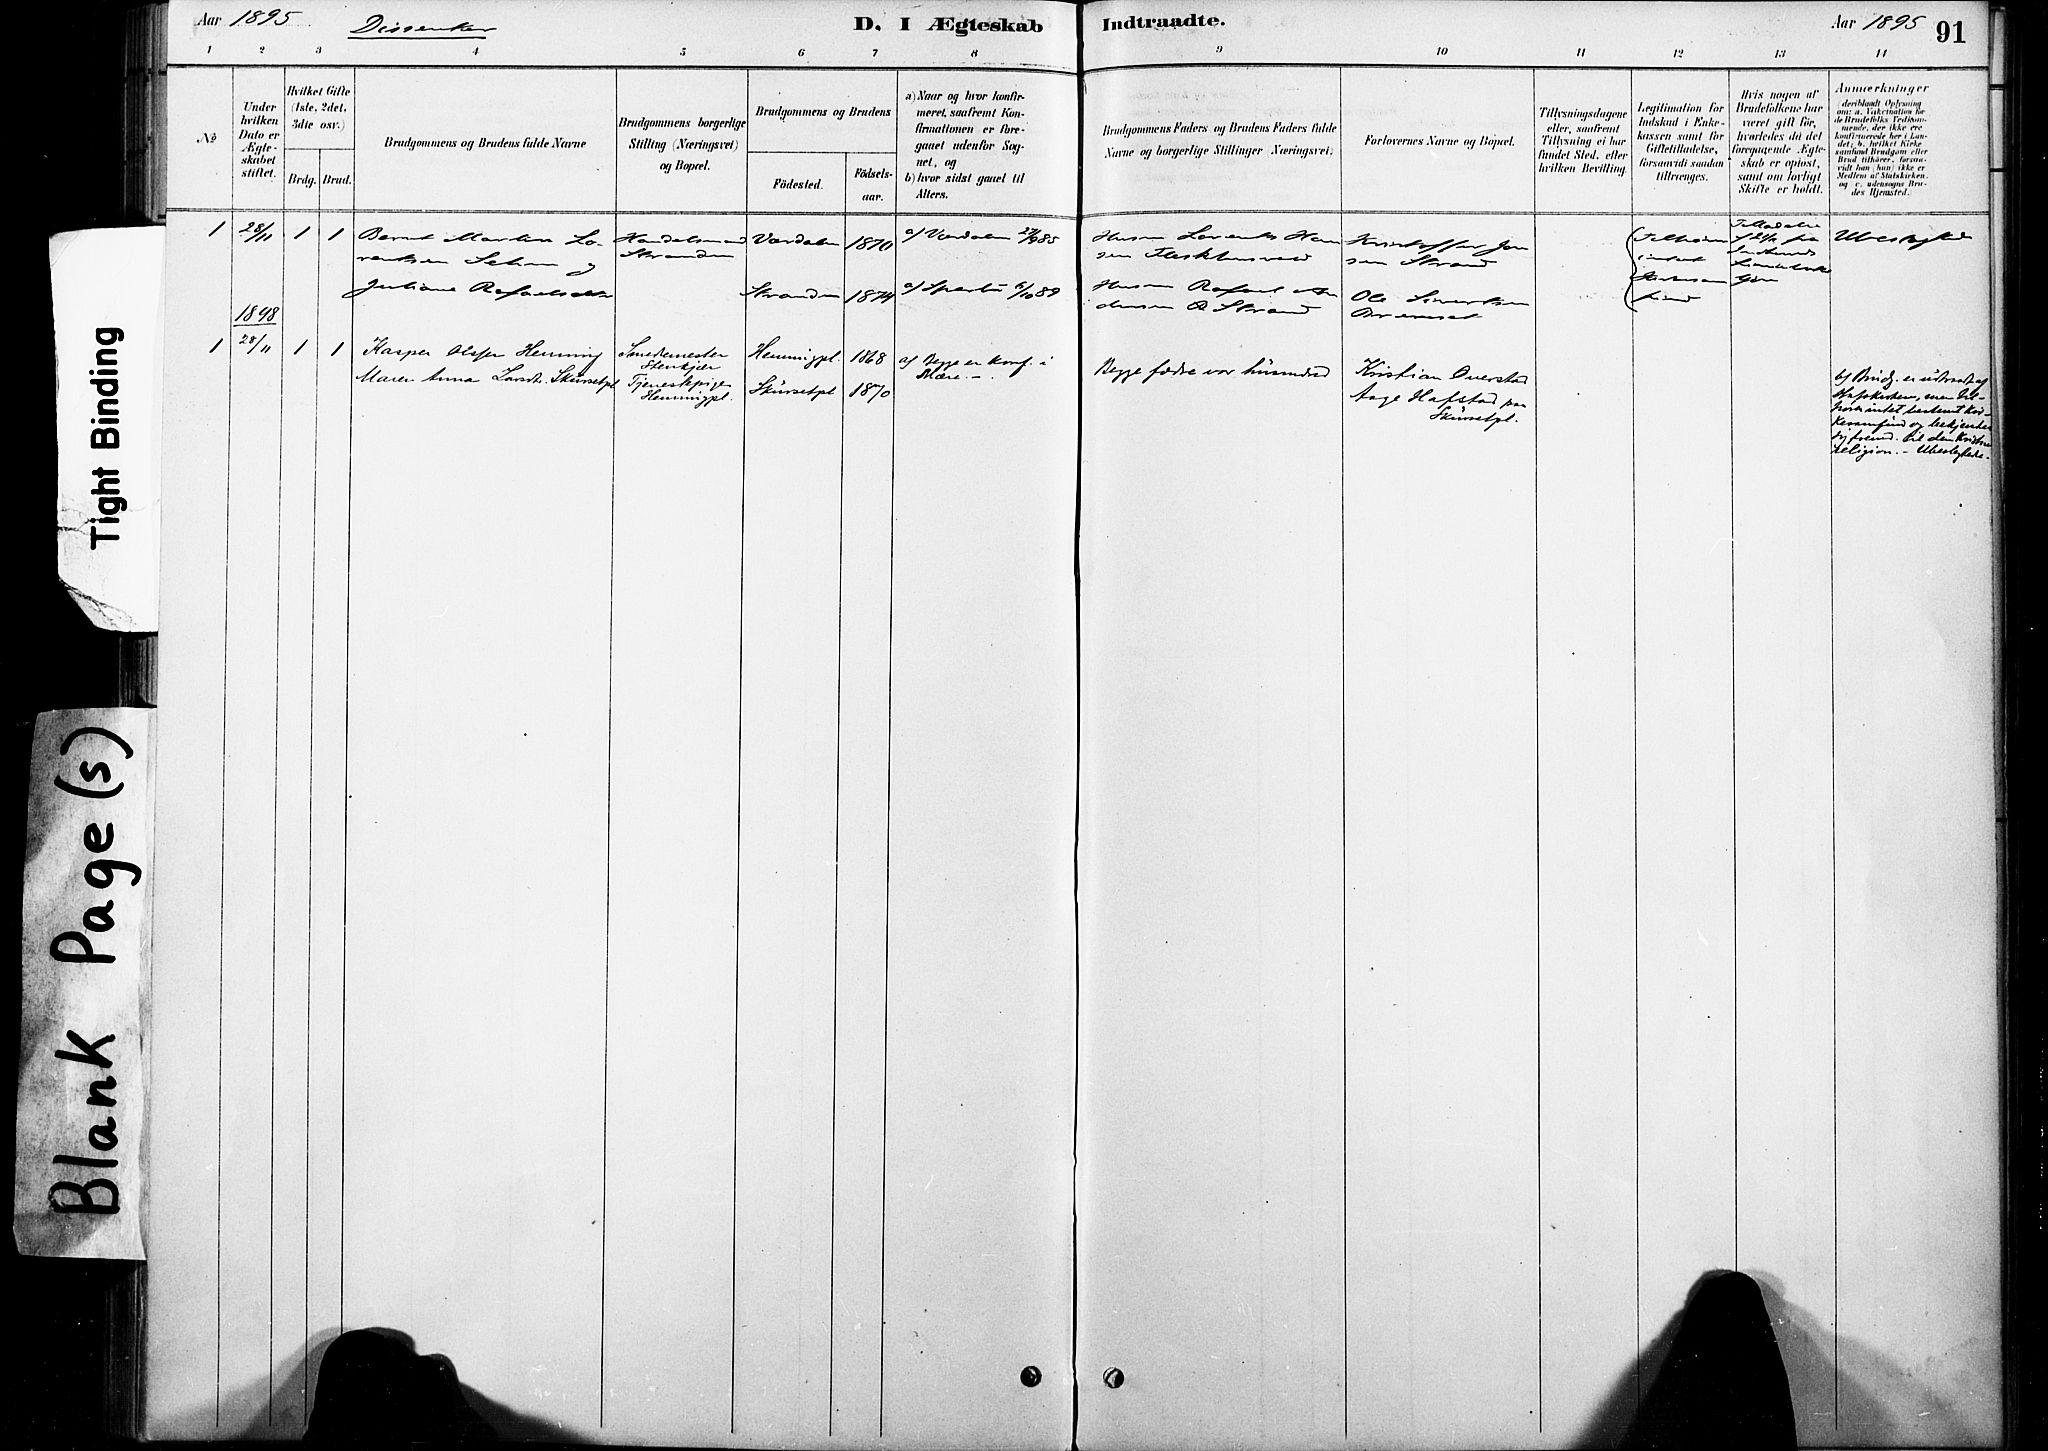 SAT, Ministerialprotokoller, klokkerbøker og fødselsregistre - Nord-Trøndelag, 738/L0364: Ministerialbok nr. 738A01, 1884-1902, s. 91